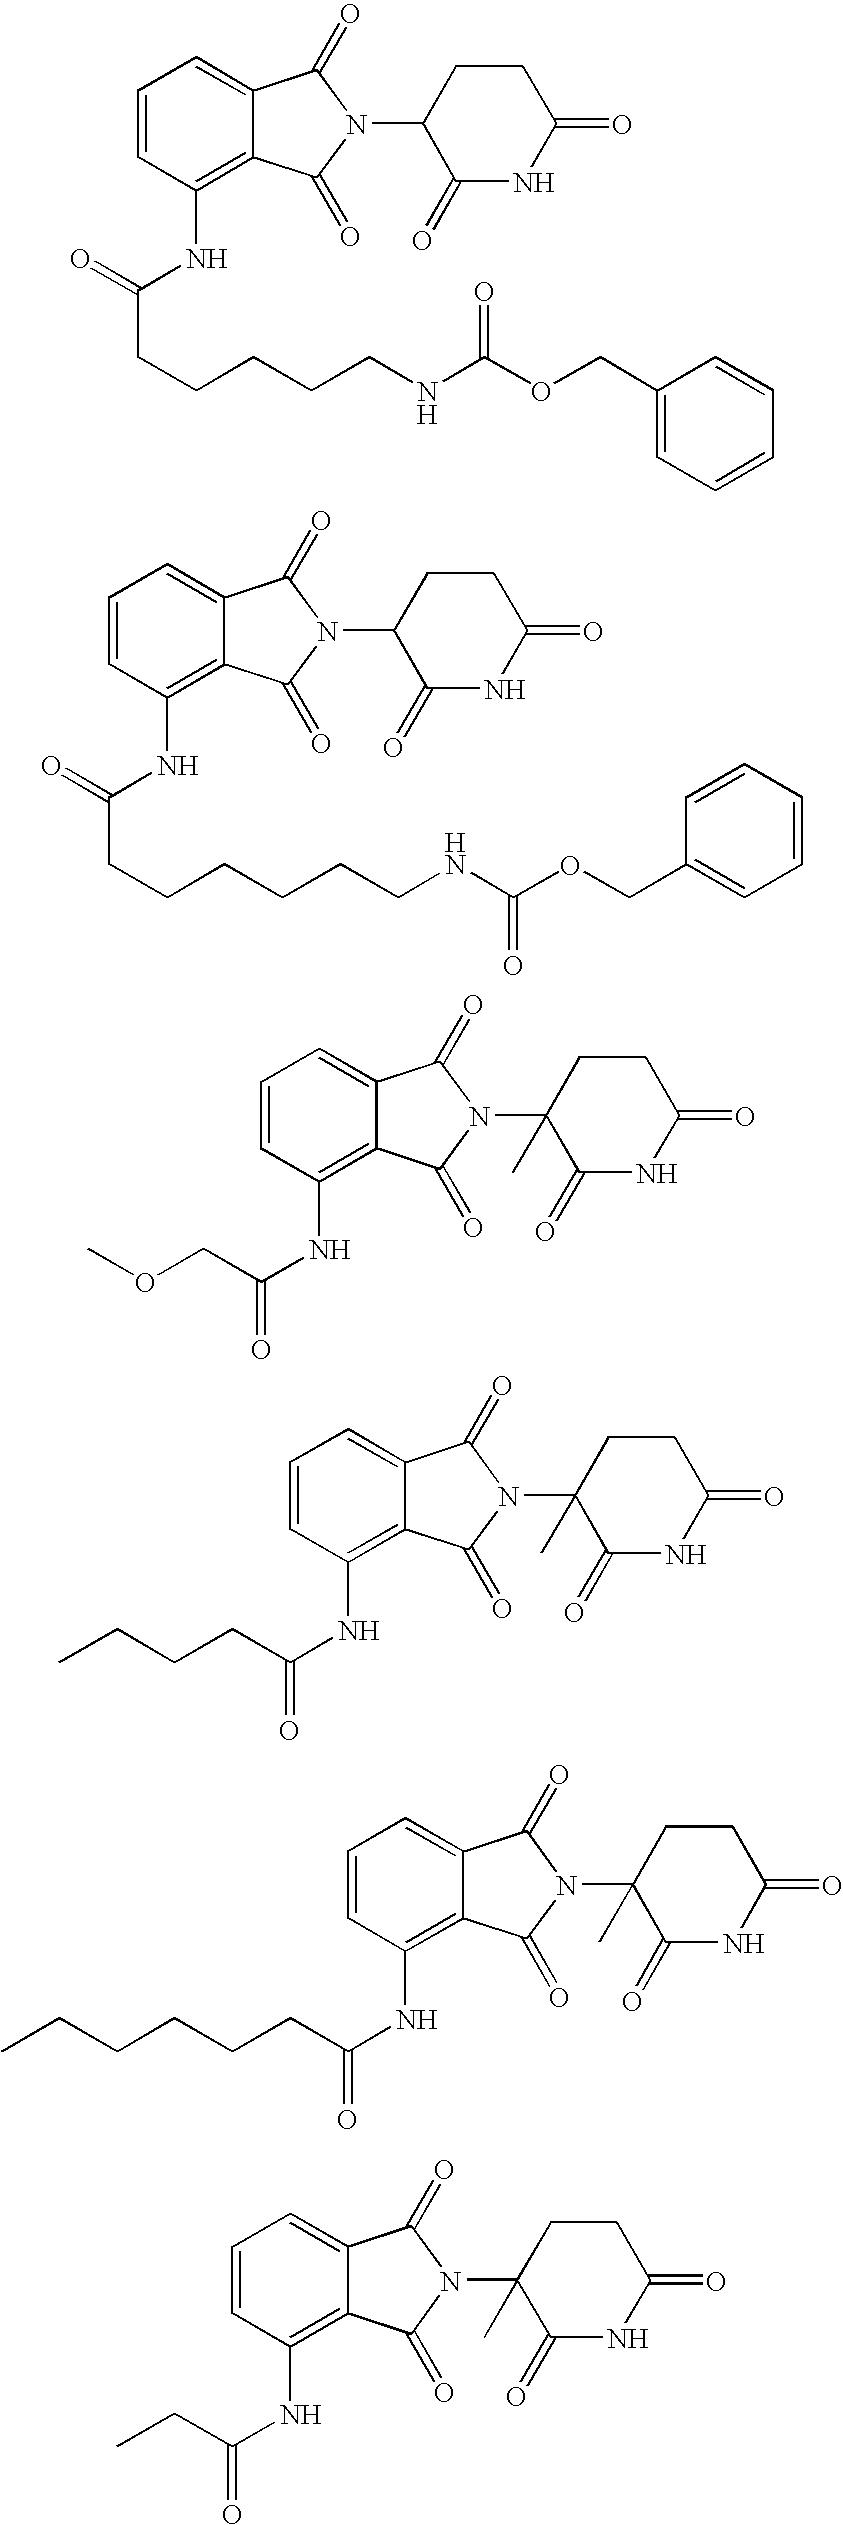 Figure US07576104-20090818-C00350